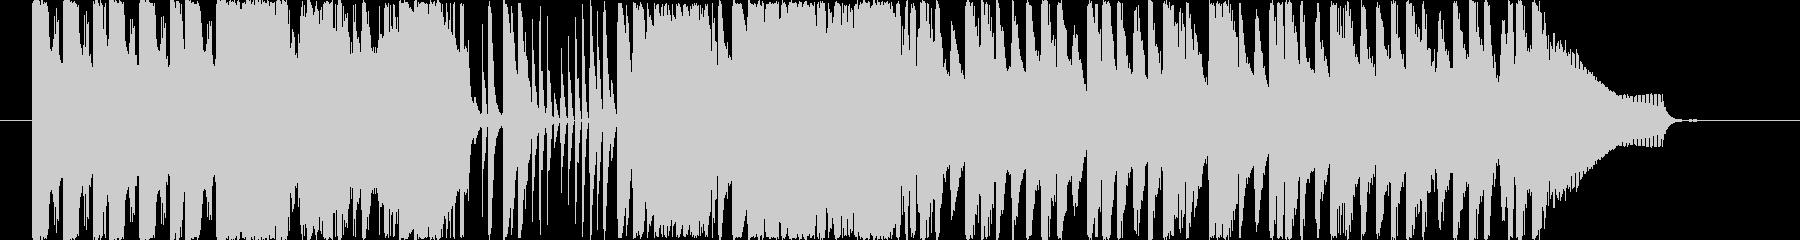 いろんなサウンドがいろいろ出てくる30…の未再生の波形